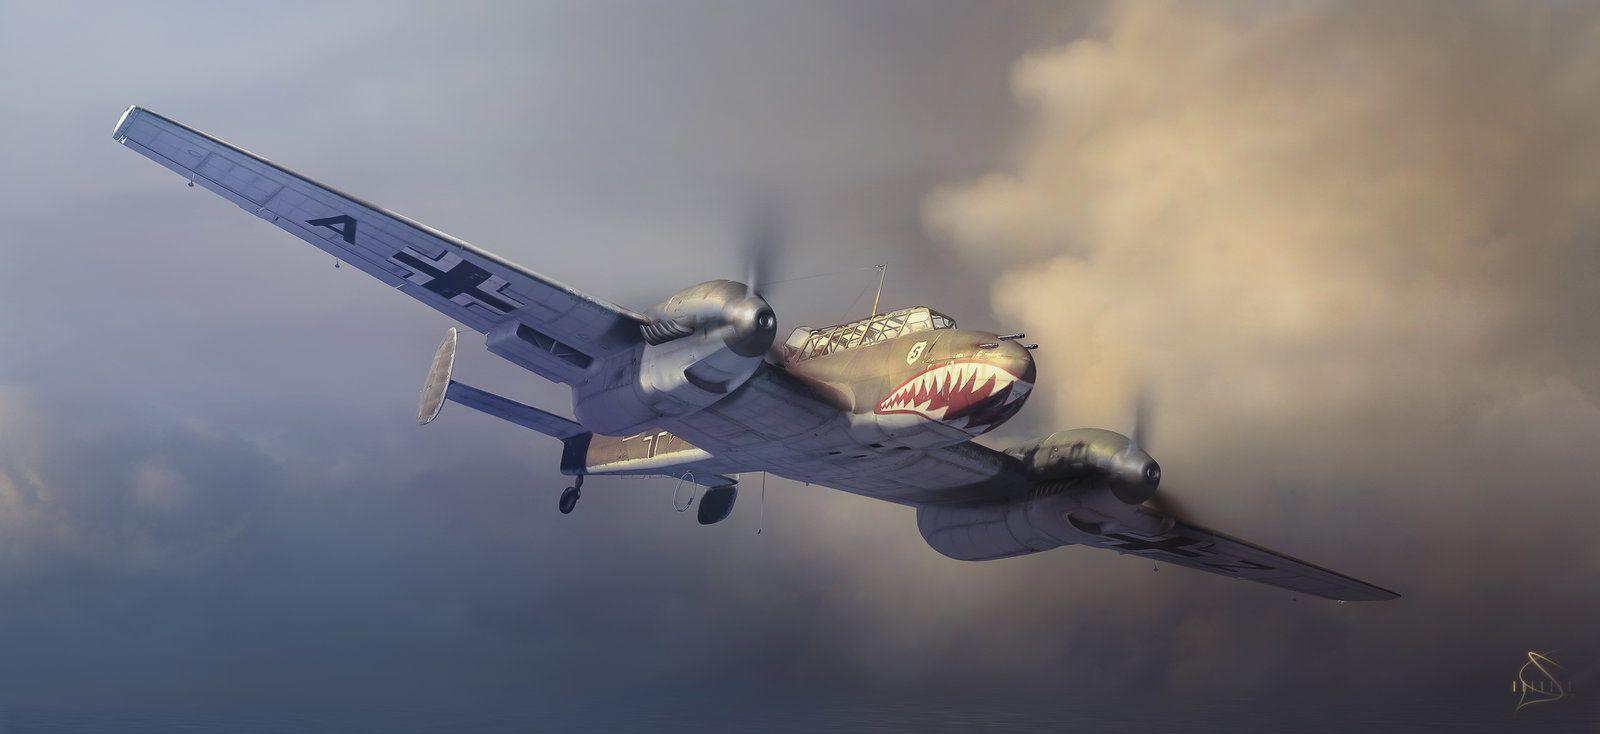 The Messerschmitt Bf 110 zerstorer. The Messerschmitt Bf ...